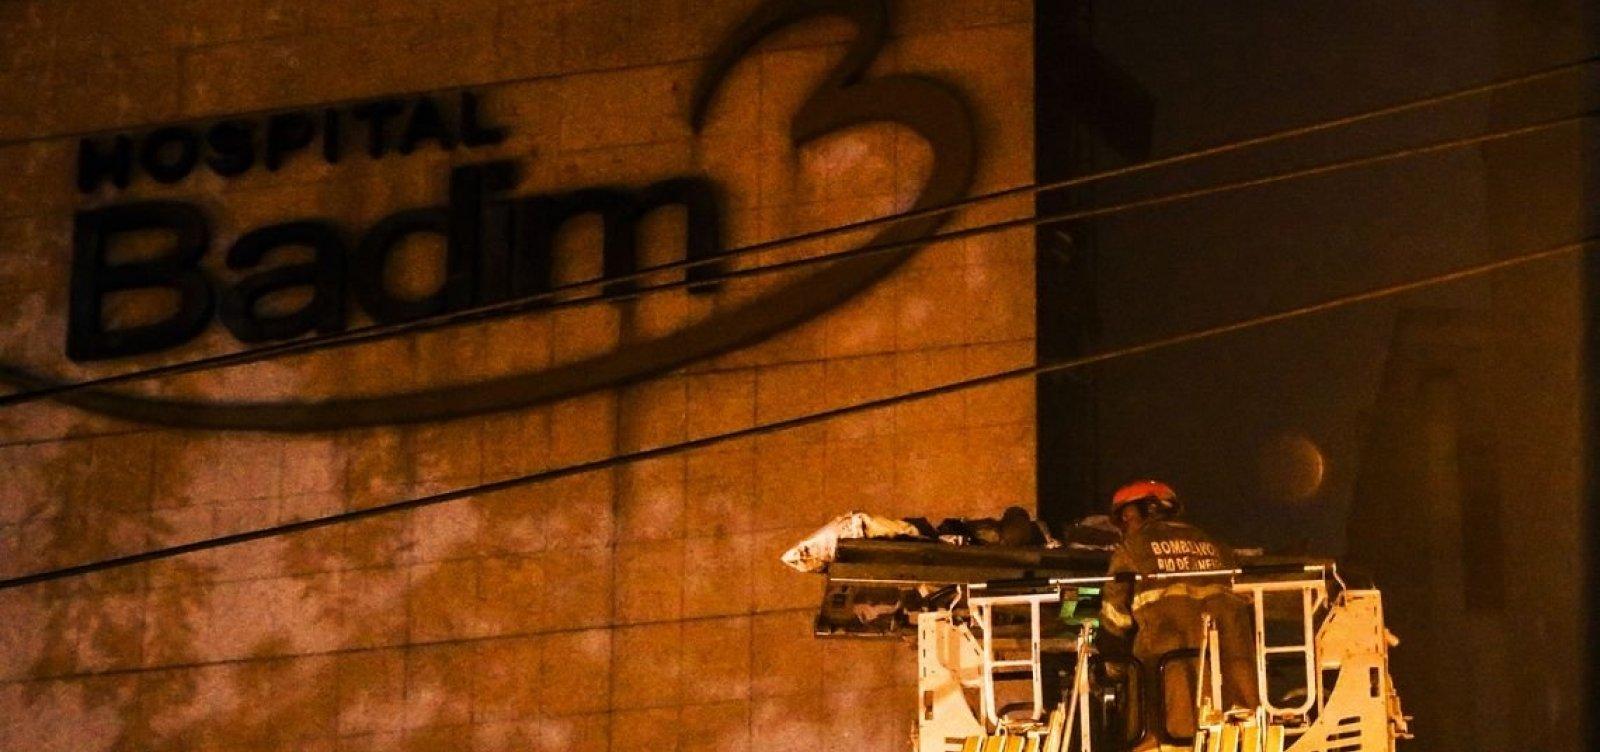 [Morre 13ª vítima de incêndio em hospital no Rio]